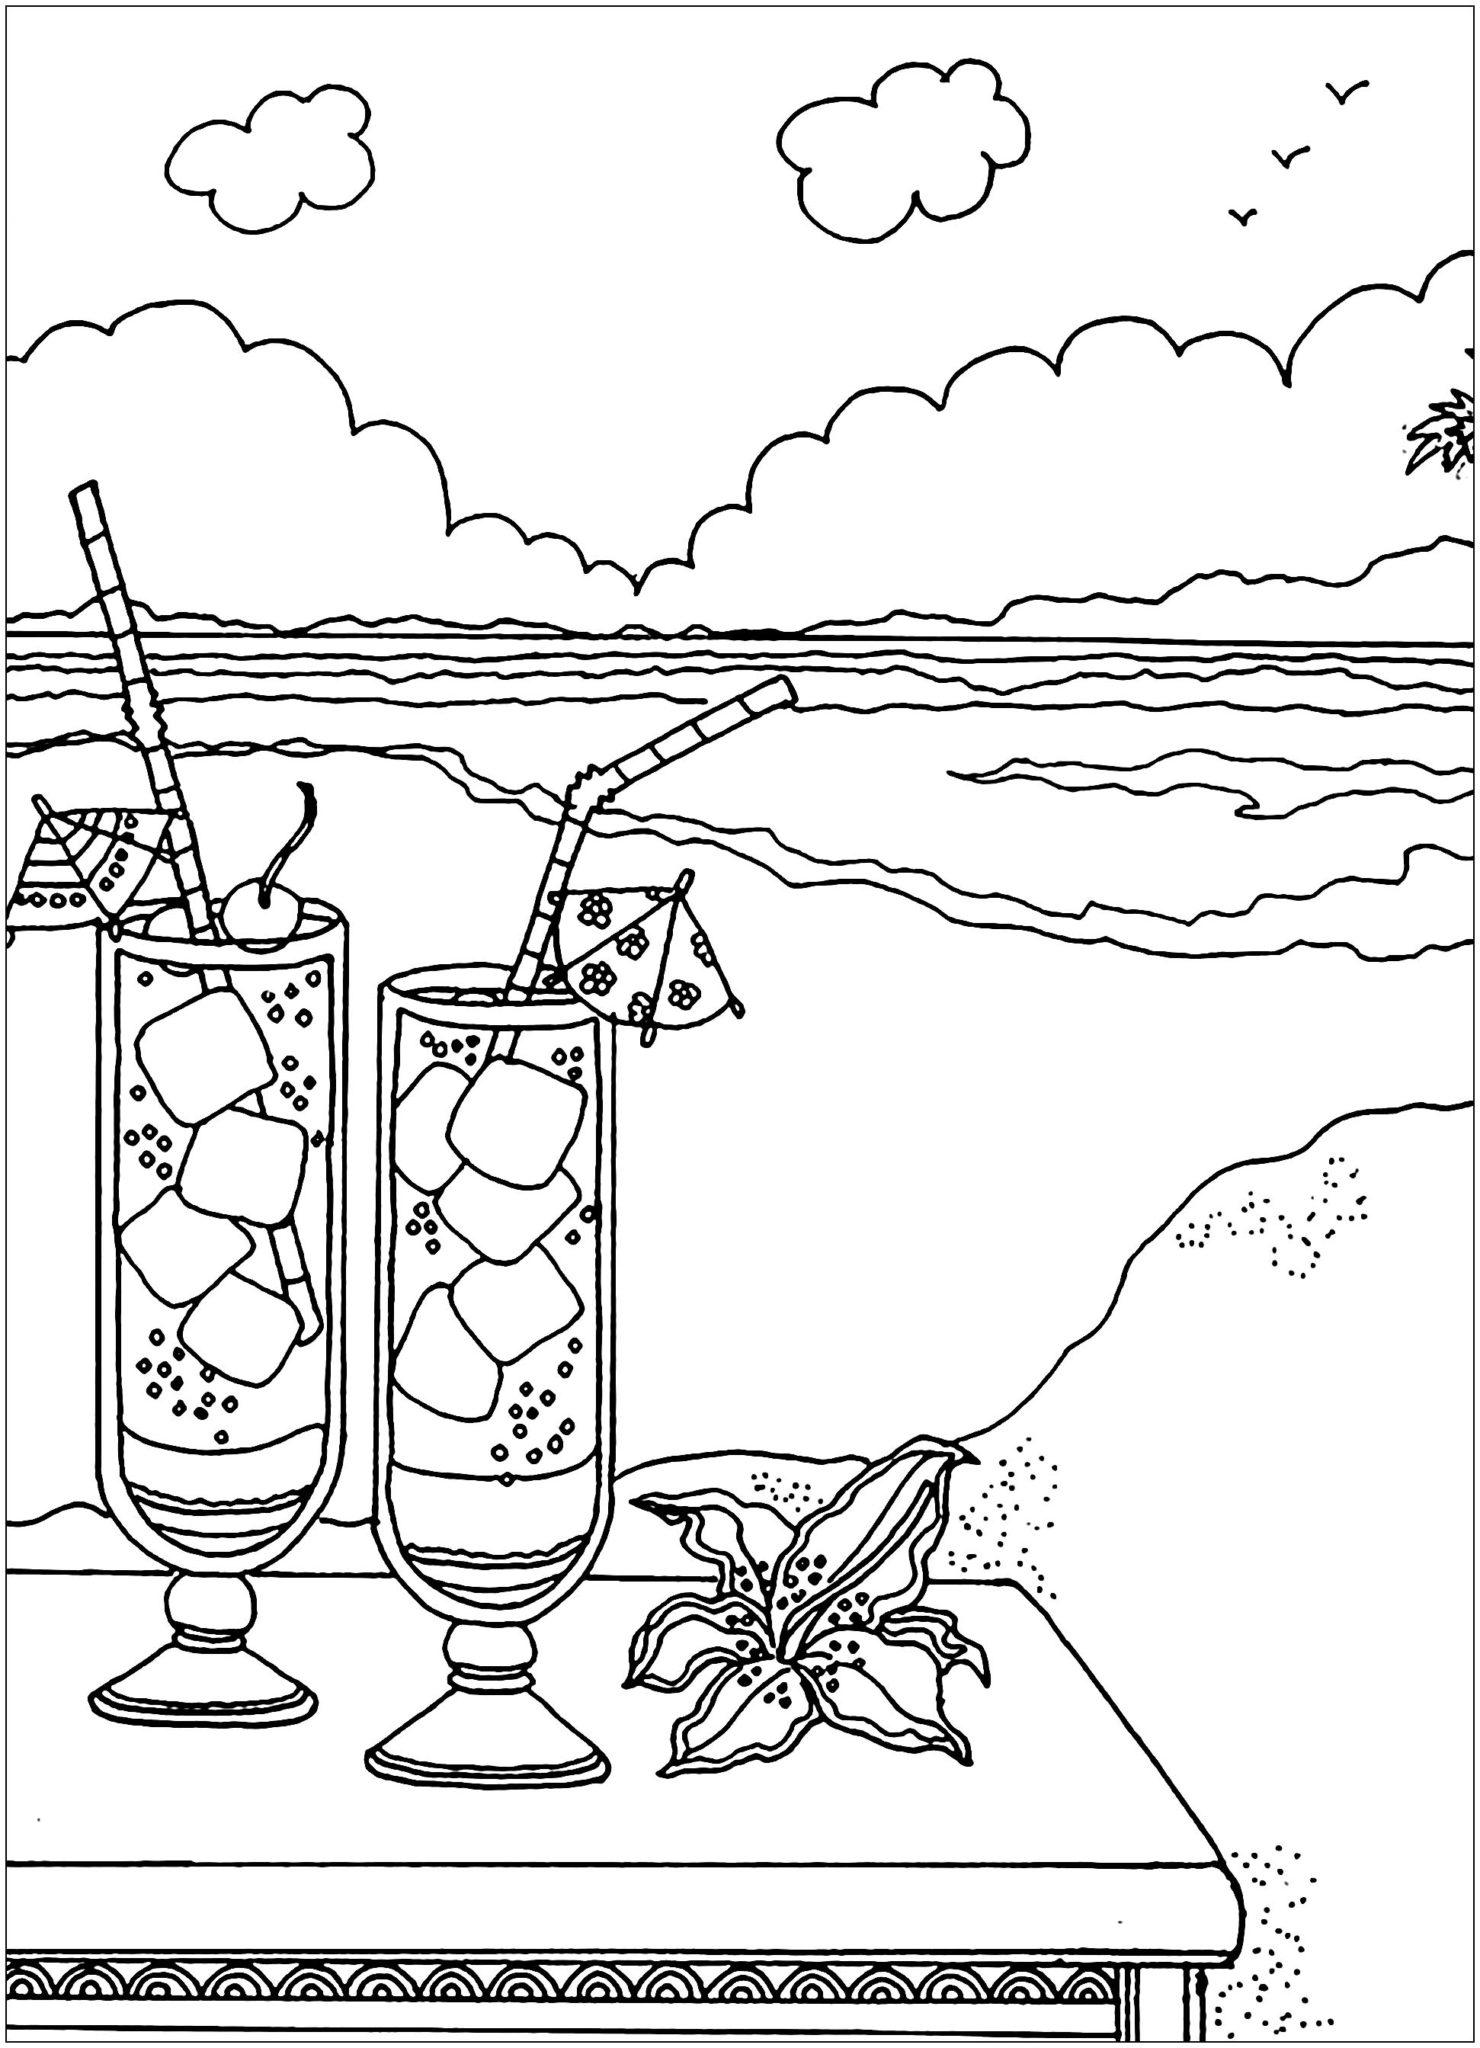 Tranh tô màu cảnh biển dành cho bé yêu thích mùa hè 12